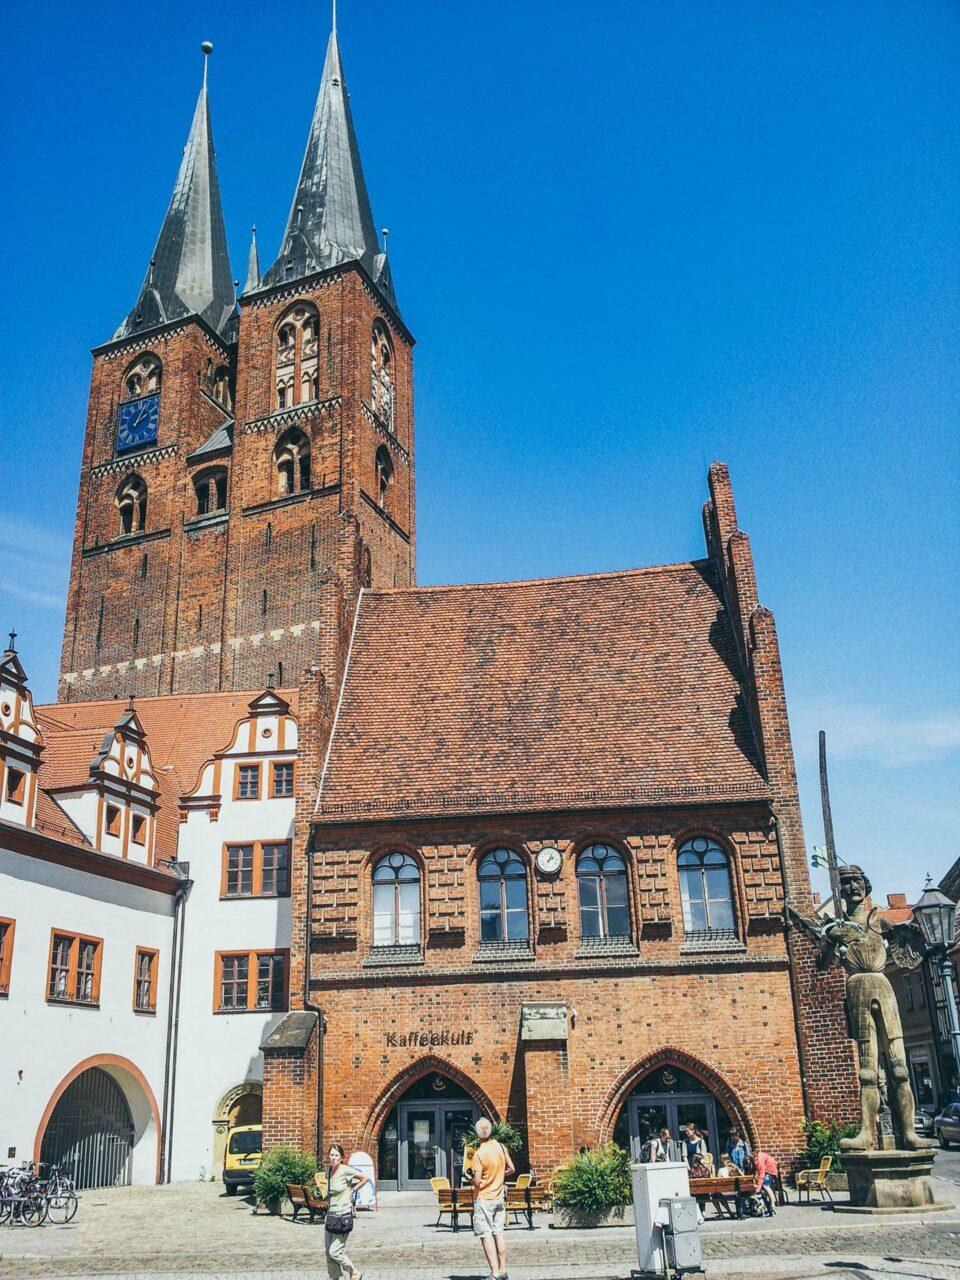 Die St. Marien Kirche in Stendal ist nicht nur opulent, sondern wartet auch mit einem riesigen Marien-Altar aus dem 13. Jhdt. auf.